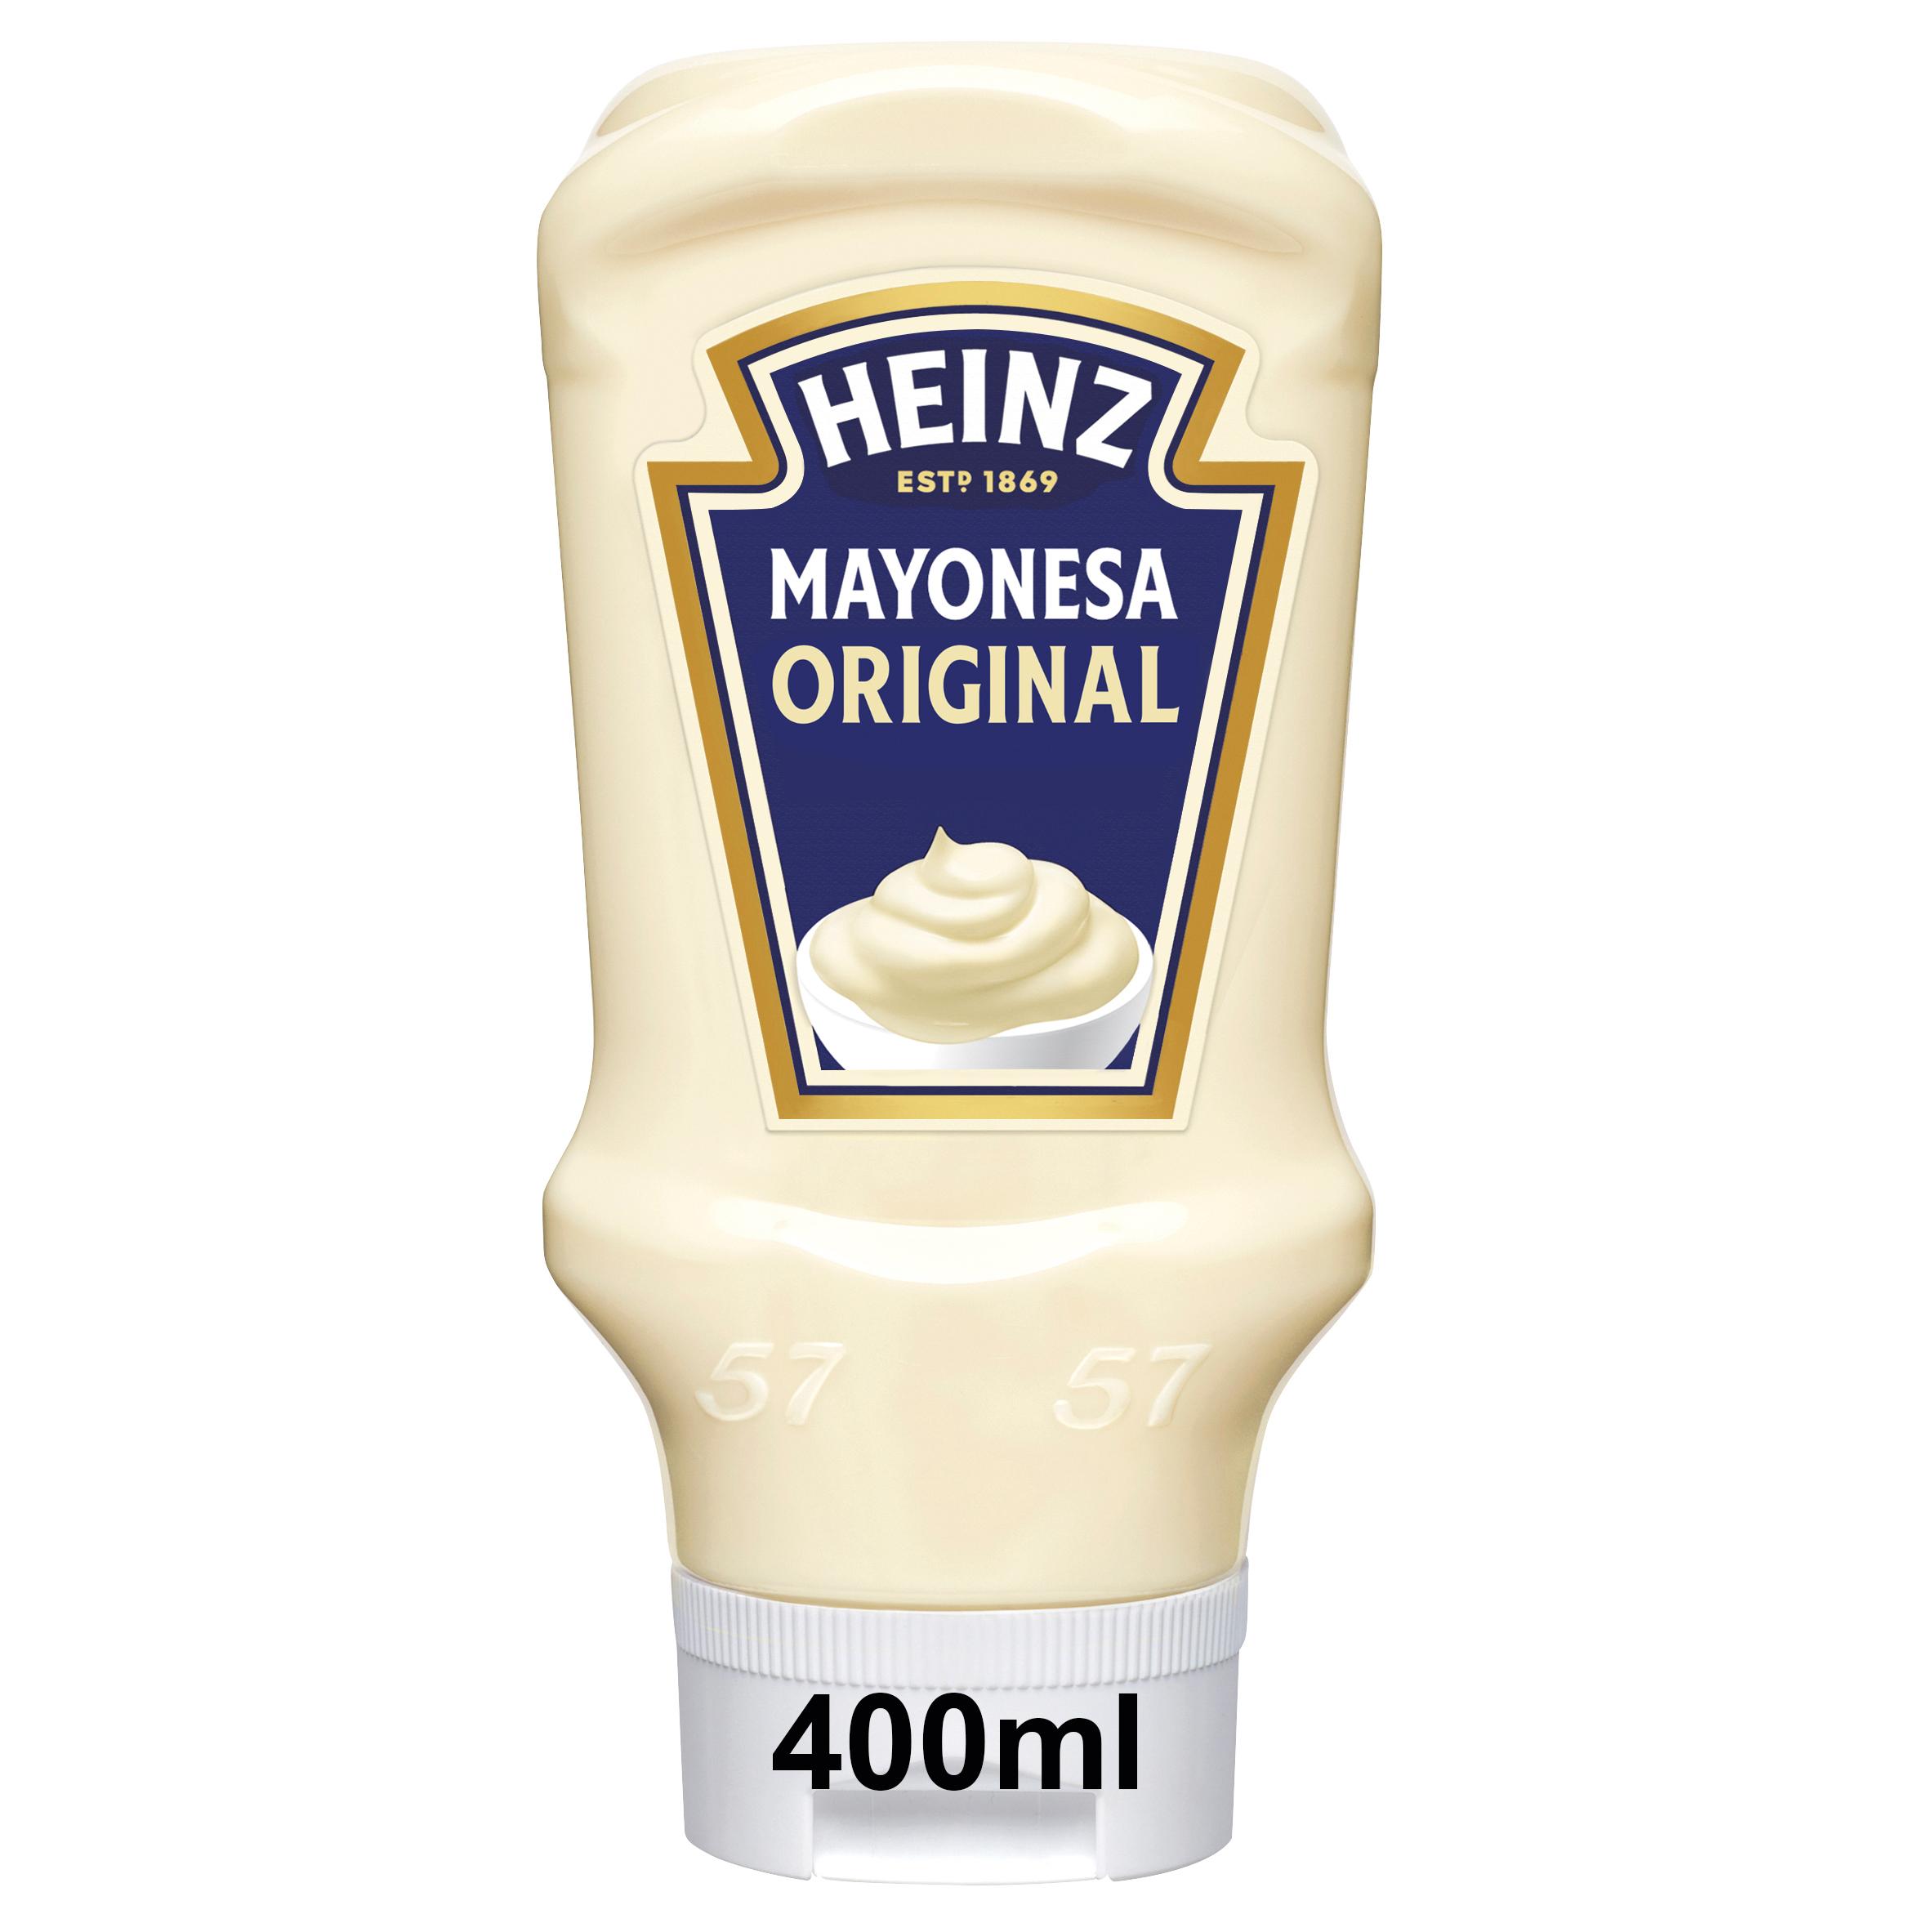 Heinz Mayonesa 400ml image